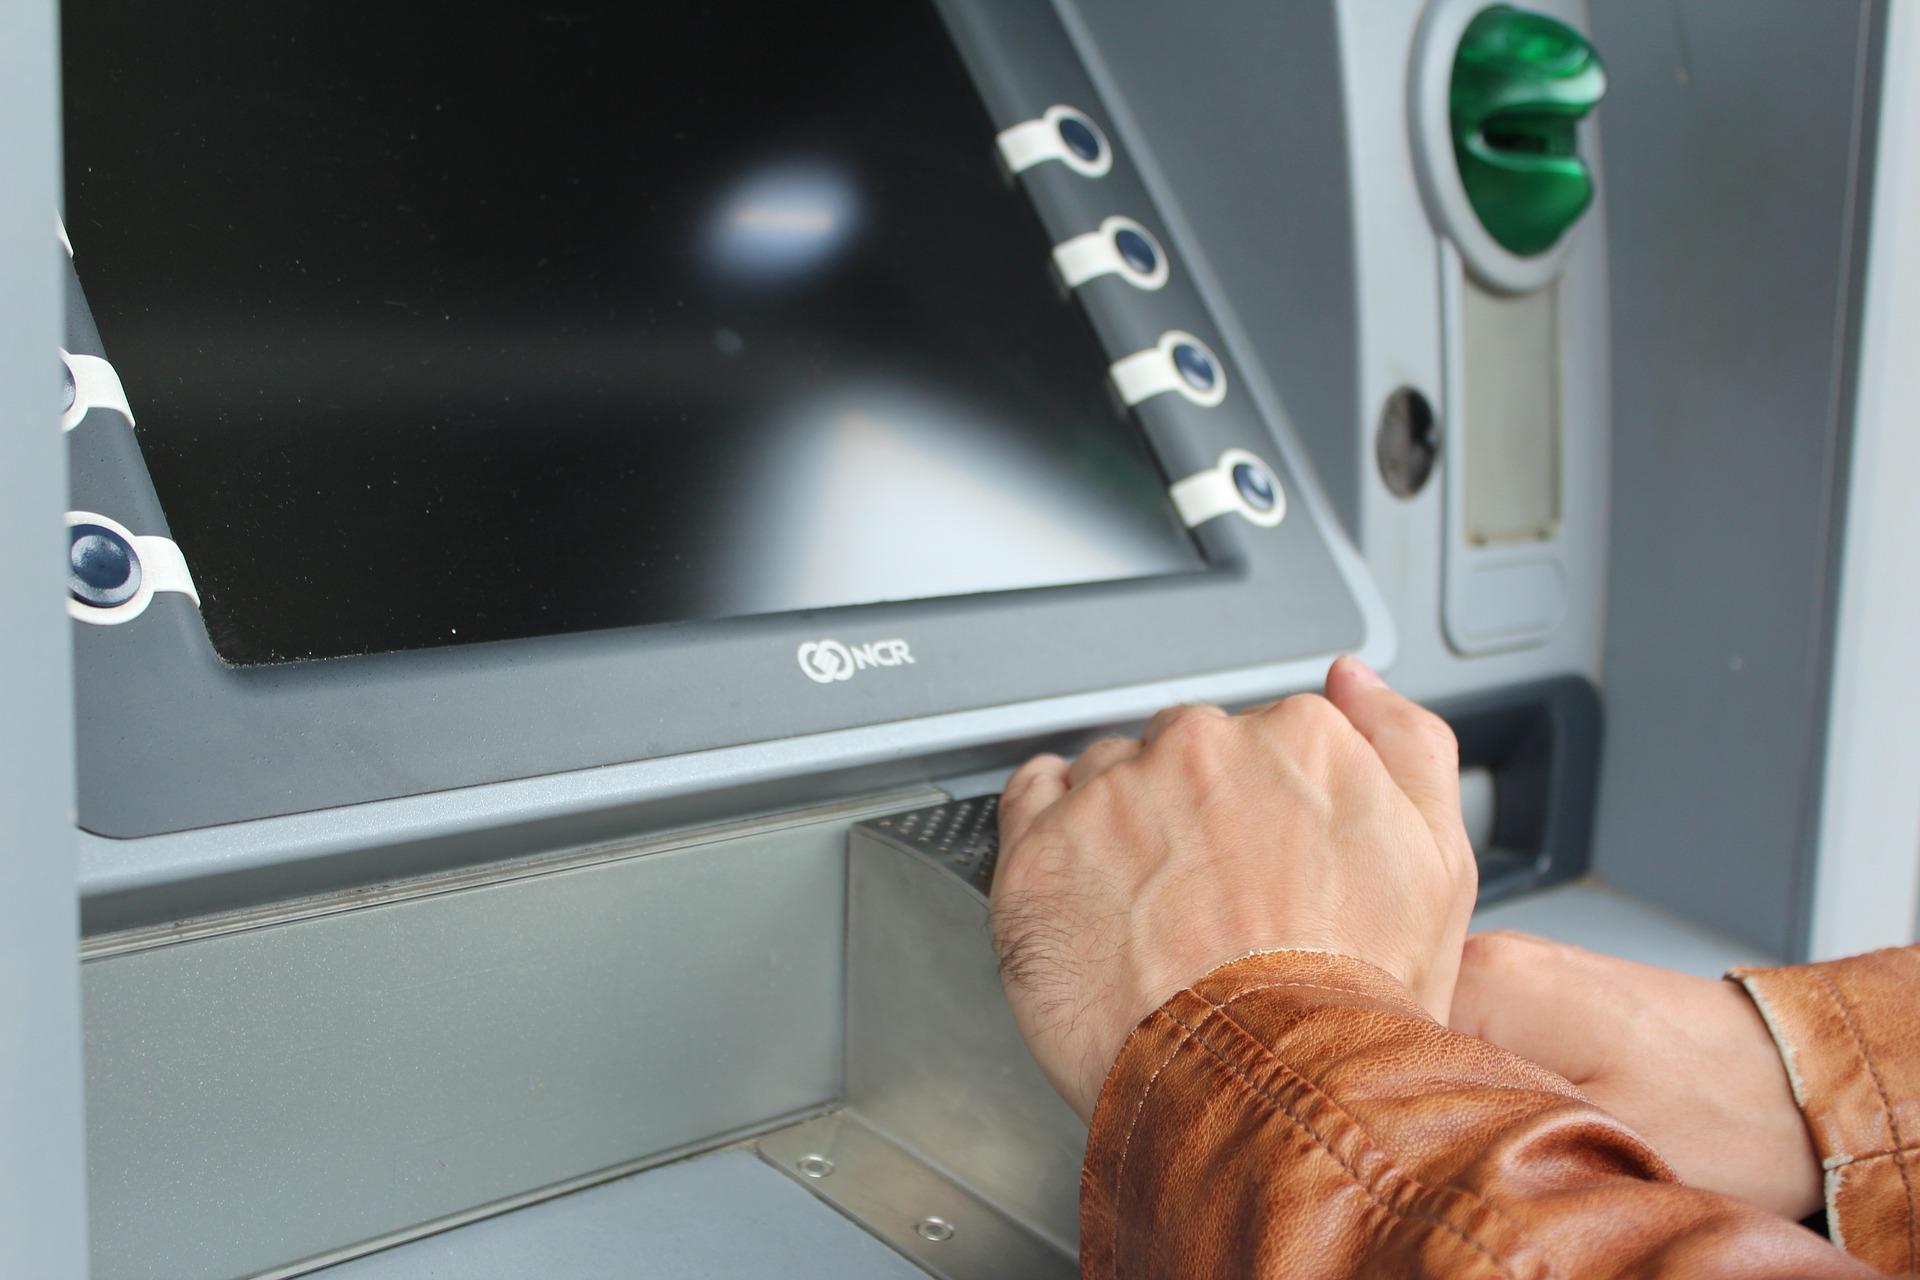 nu poti retrage bani de la bancomat